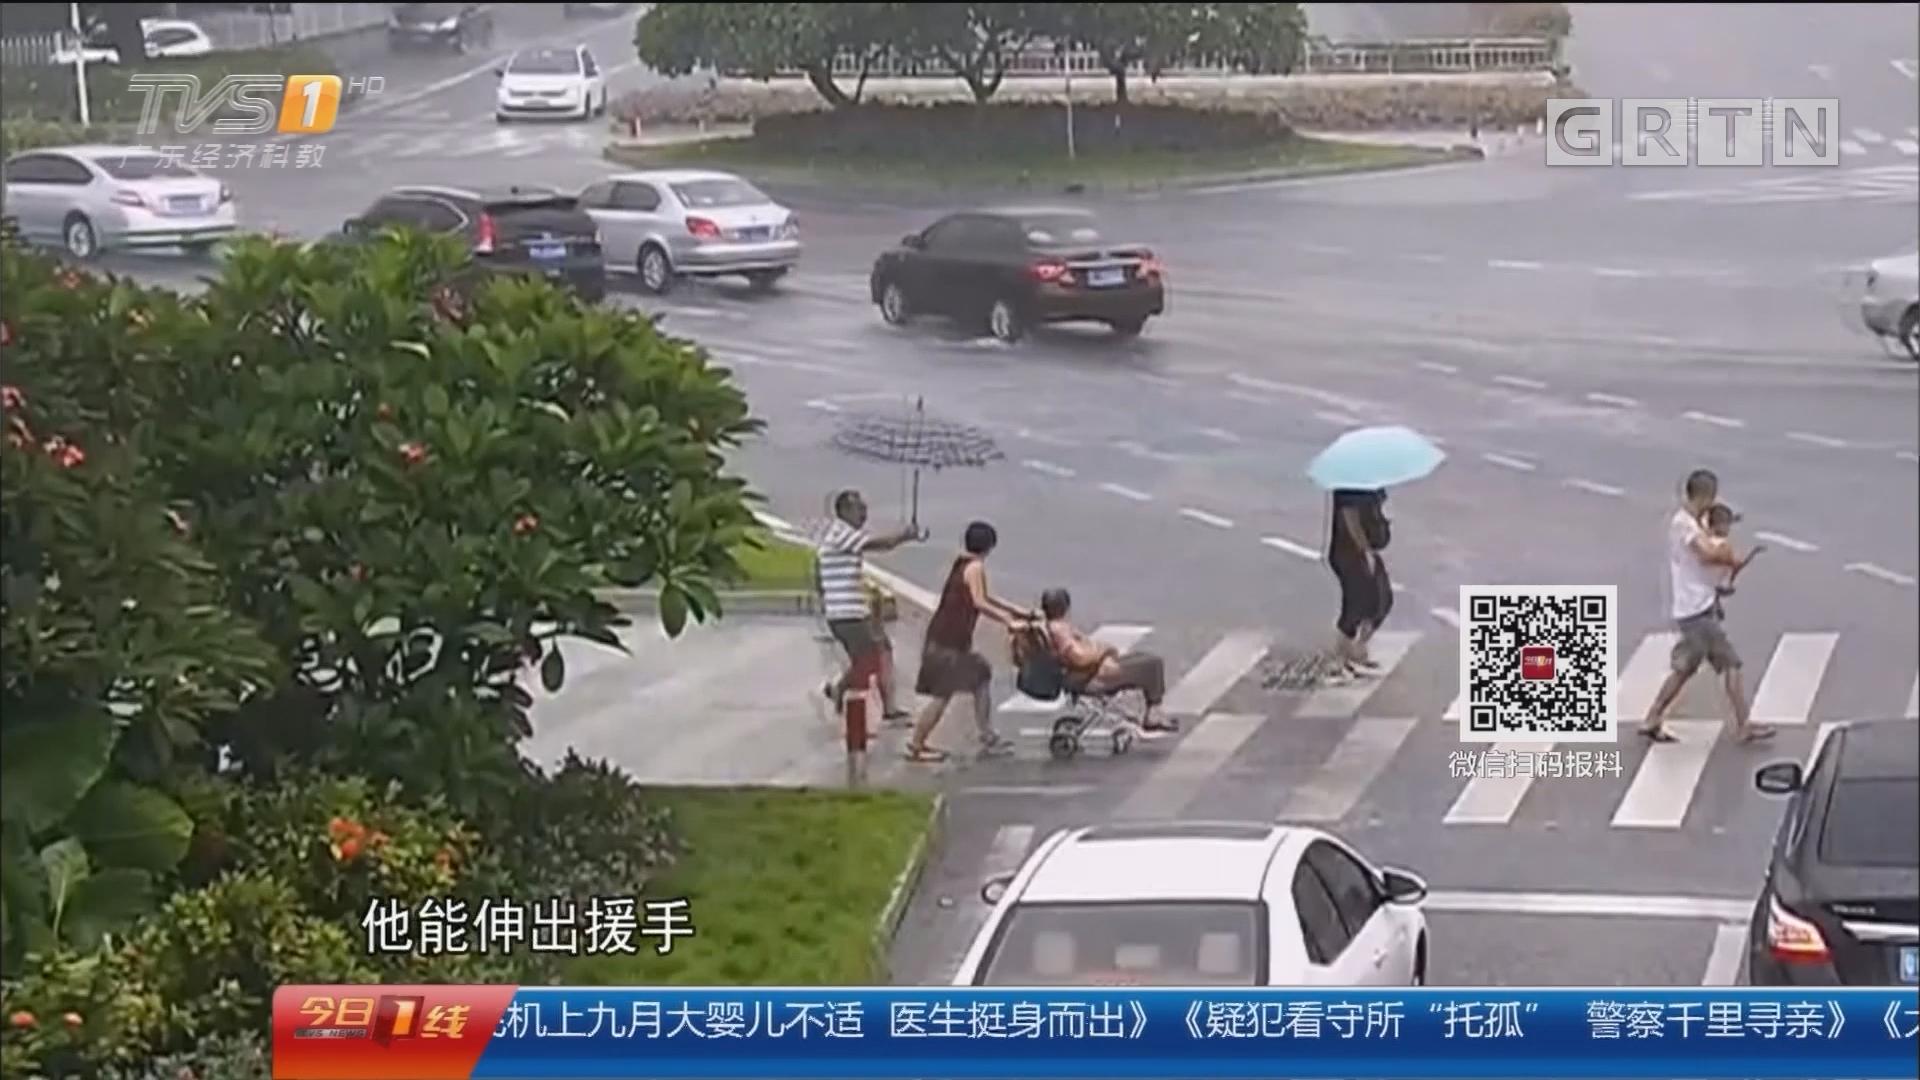 除夕特别节目:2017的那些感动 一家四口遇暴雨 好心人雨中送伞